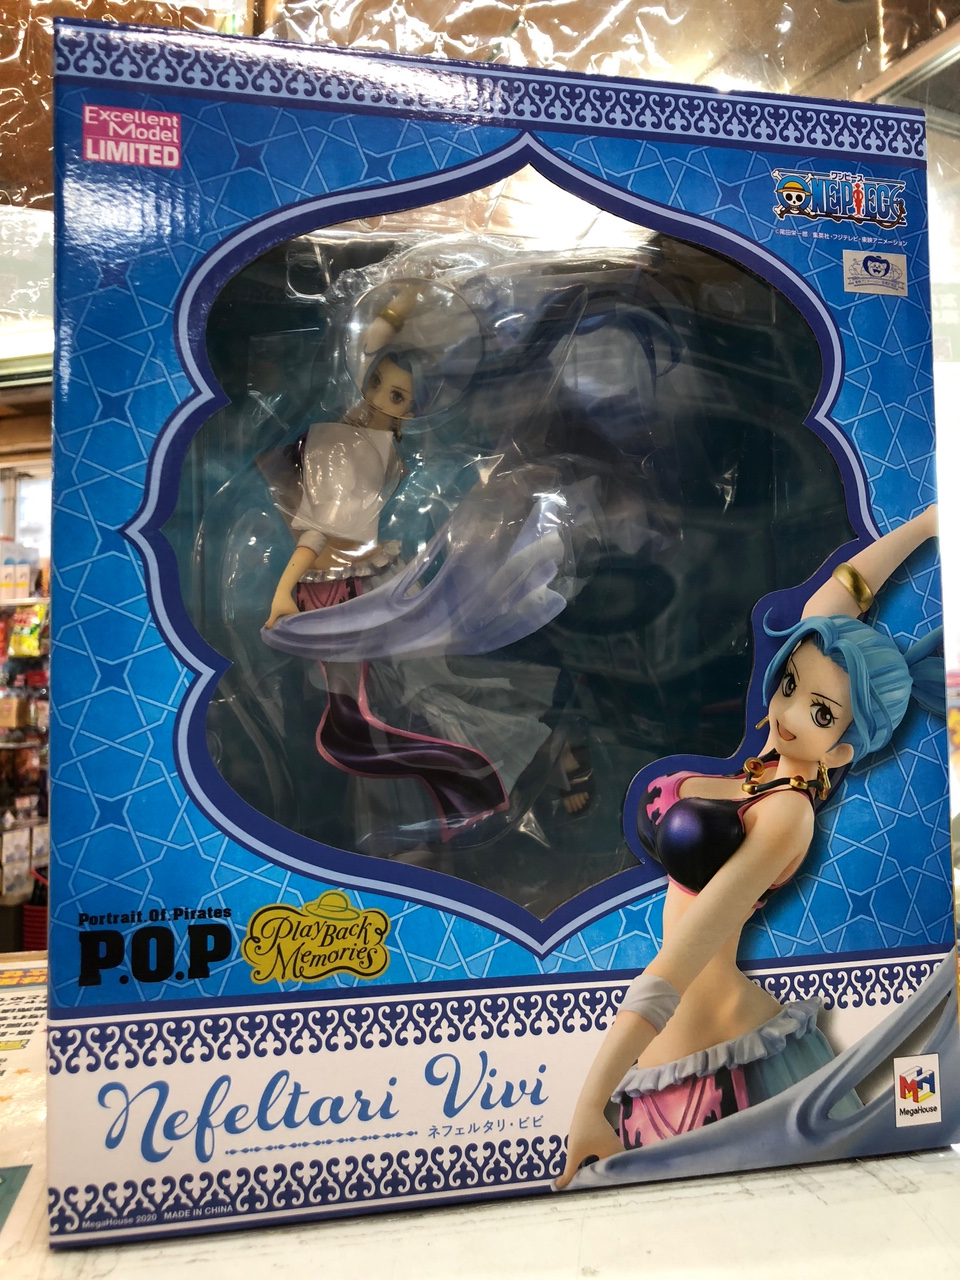 買取情報『ワンピース P.O.P Playback Memoriesのネフェルタリ・ビビ』